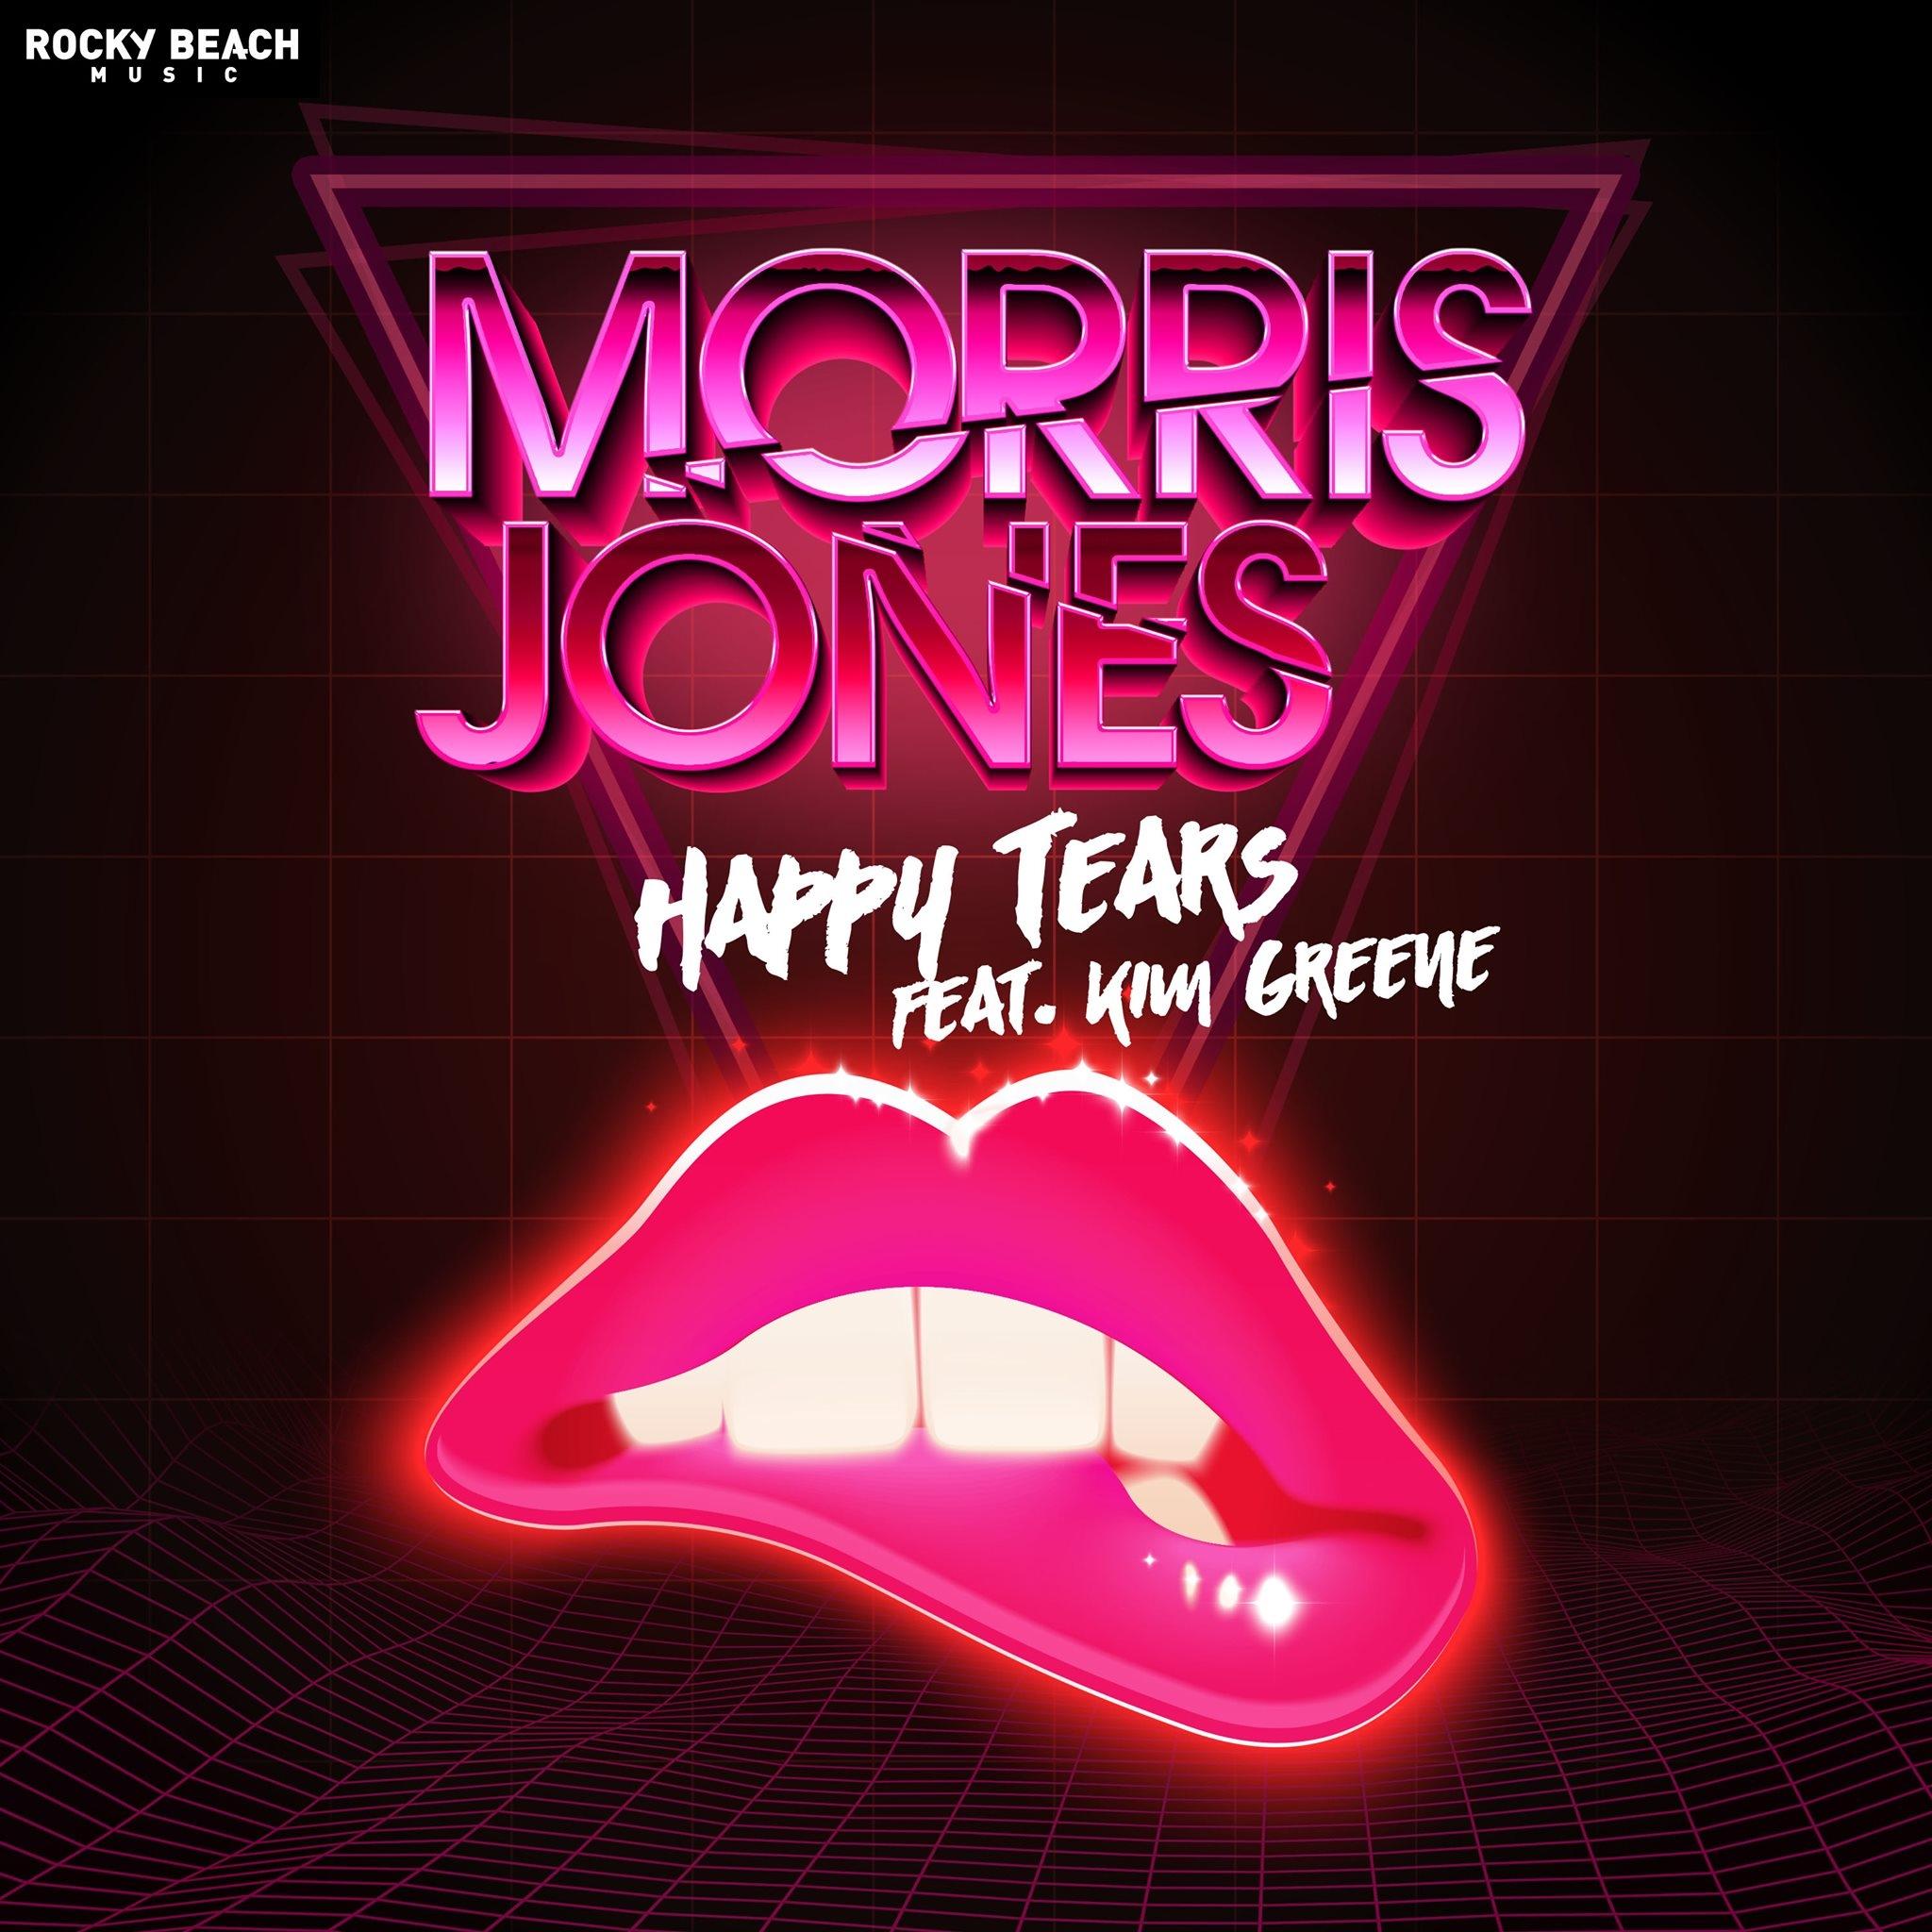 Morris Jones (feat, Kim Greene) - Happy Tears